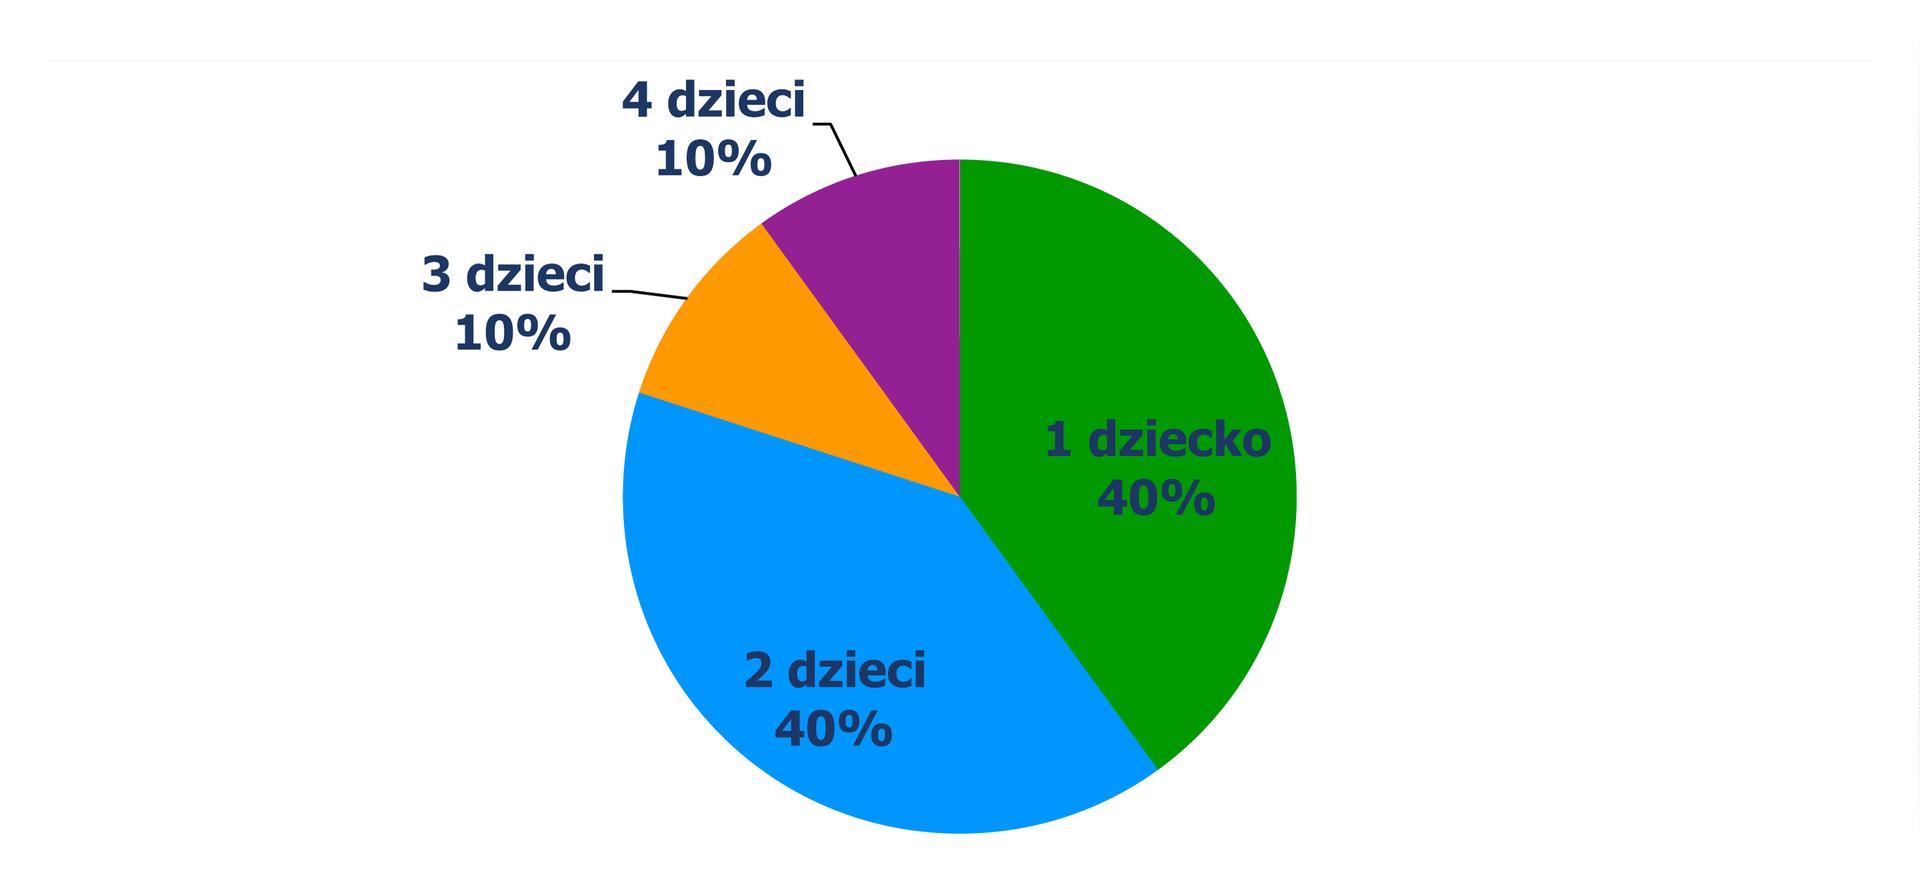 Diagram kołowy, zktórego odczytujemy procent rodzin wzależności od liczby posiadanych dzieci. 1 dziecko – 40% rodzin, 2 dzieci – 40% rodzin, 3 dzieci – 10% rodzin, 4 dzieci – 10% rodzin.